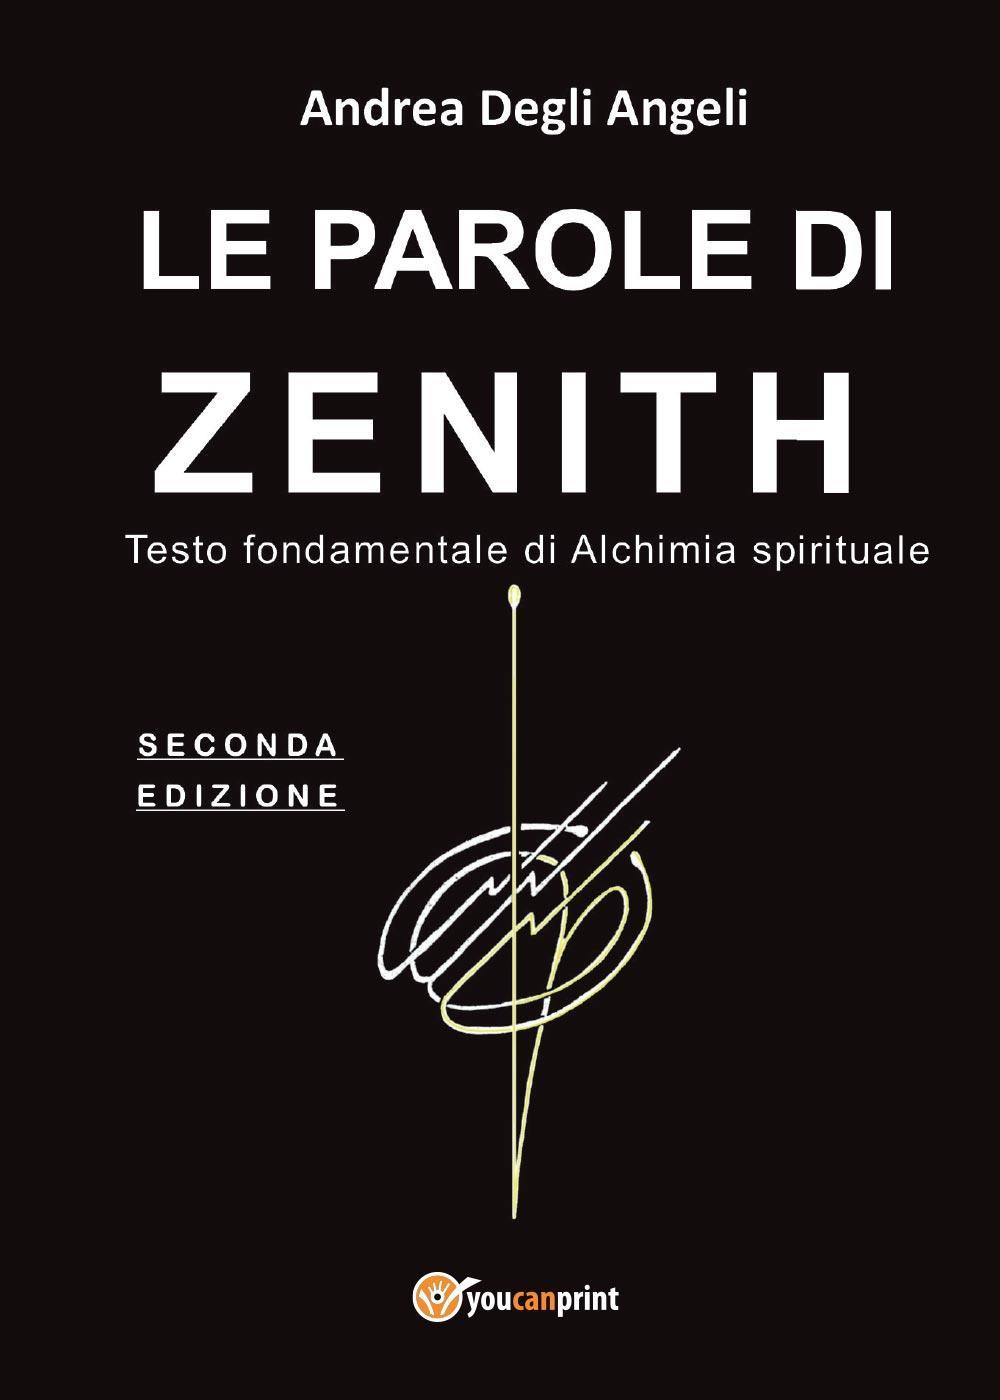 LE PAROLE DI ZENITH Testo fondamentale di Alchimia Spirituale